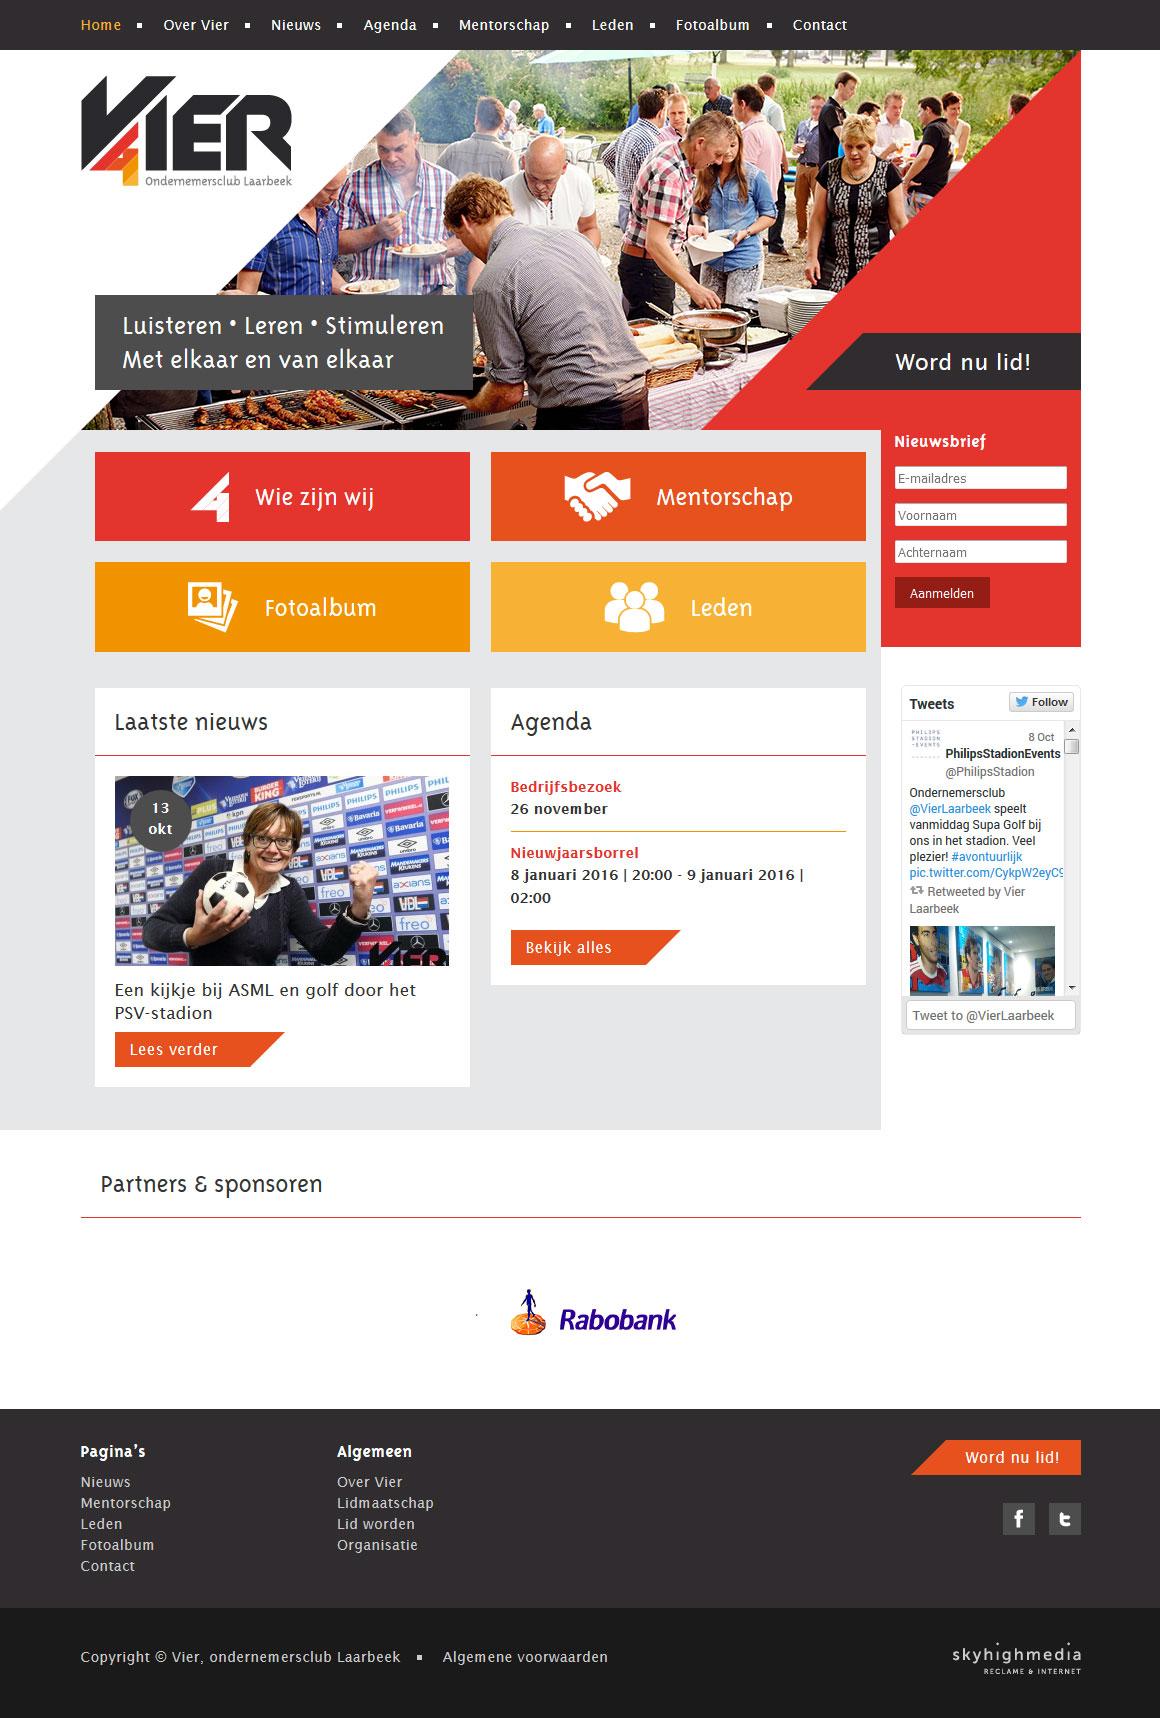 vier_website1